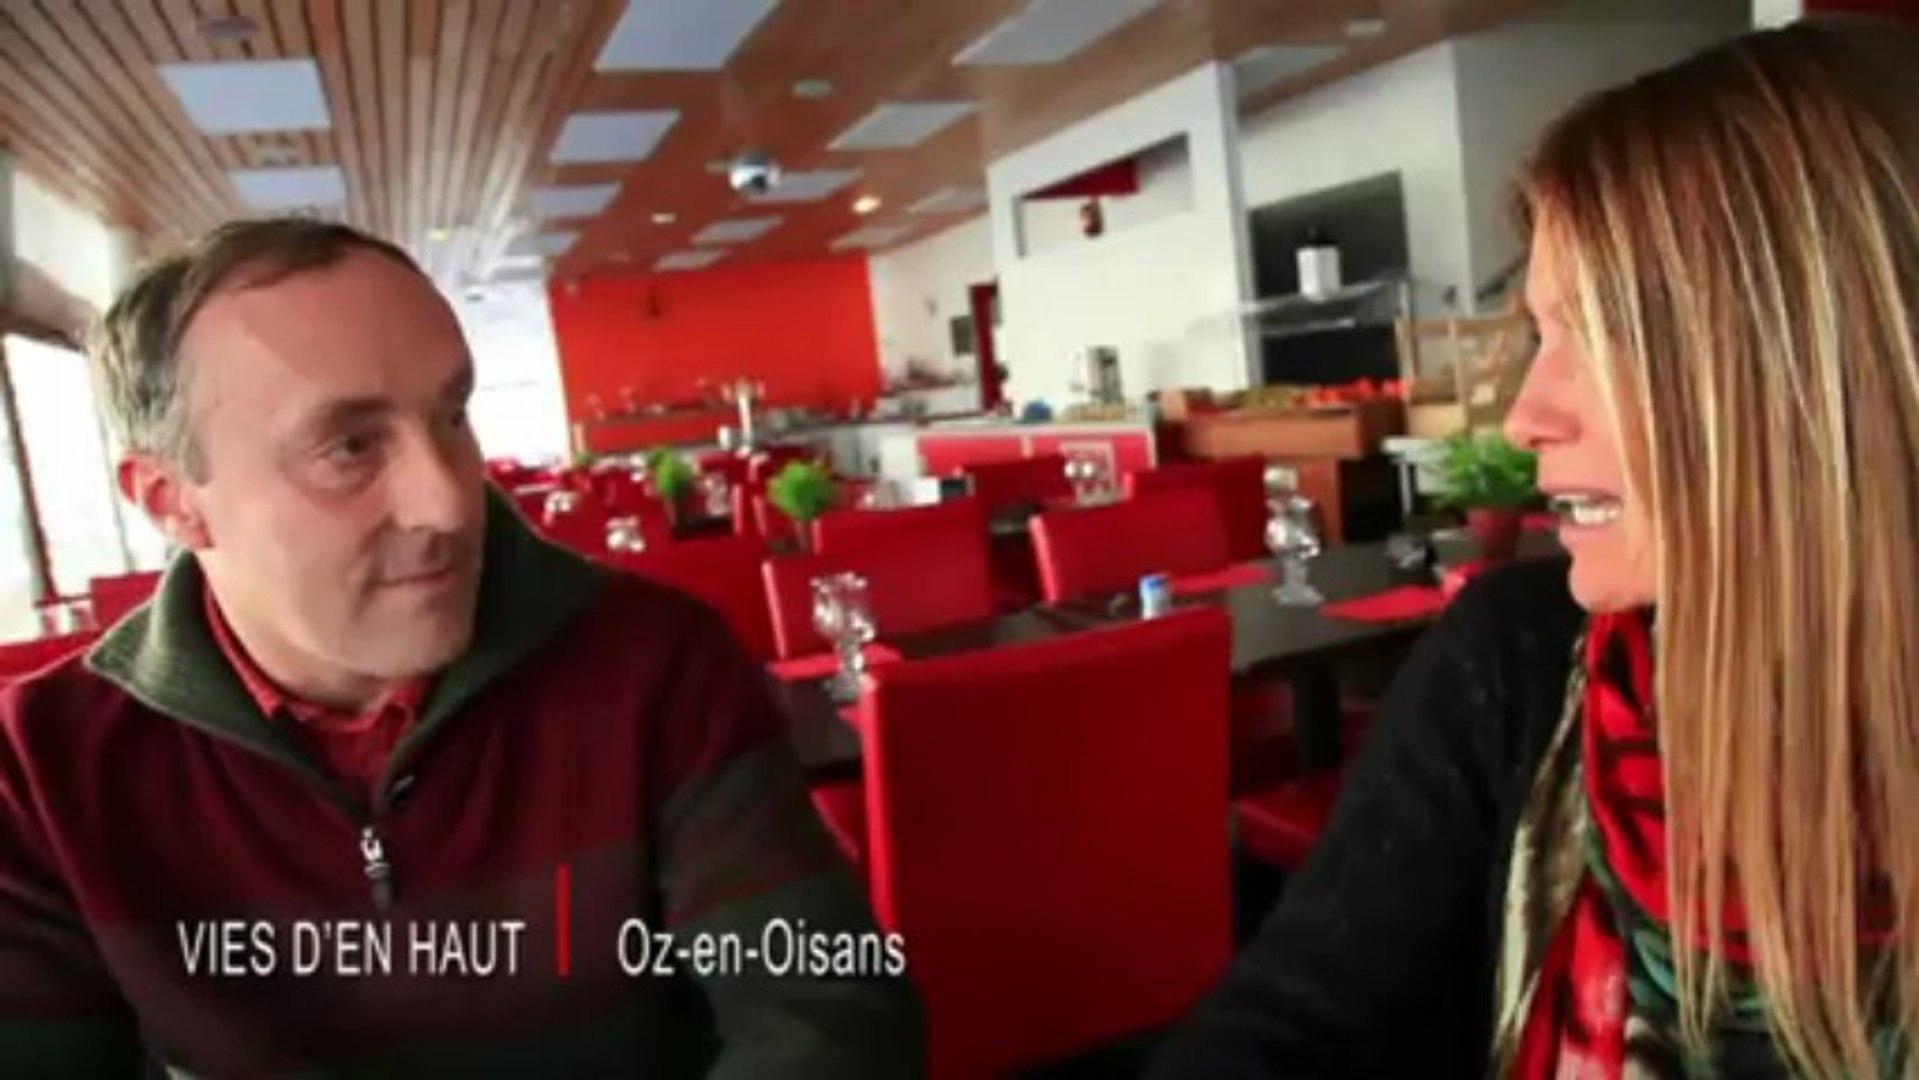 Oz En Oisans - Vies d'en Haut